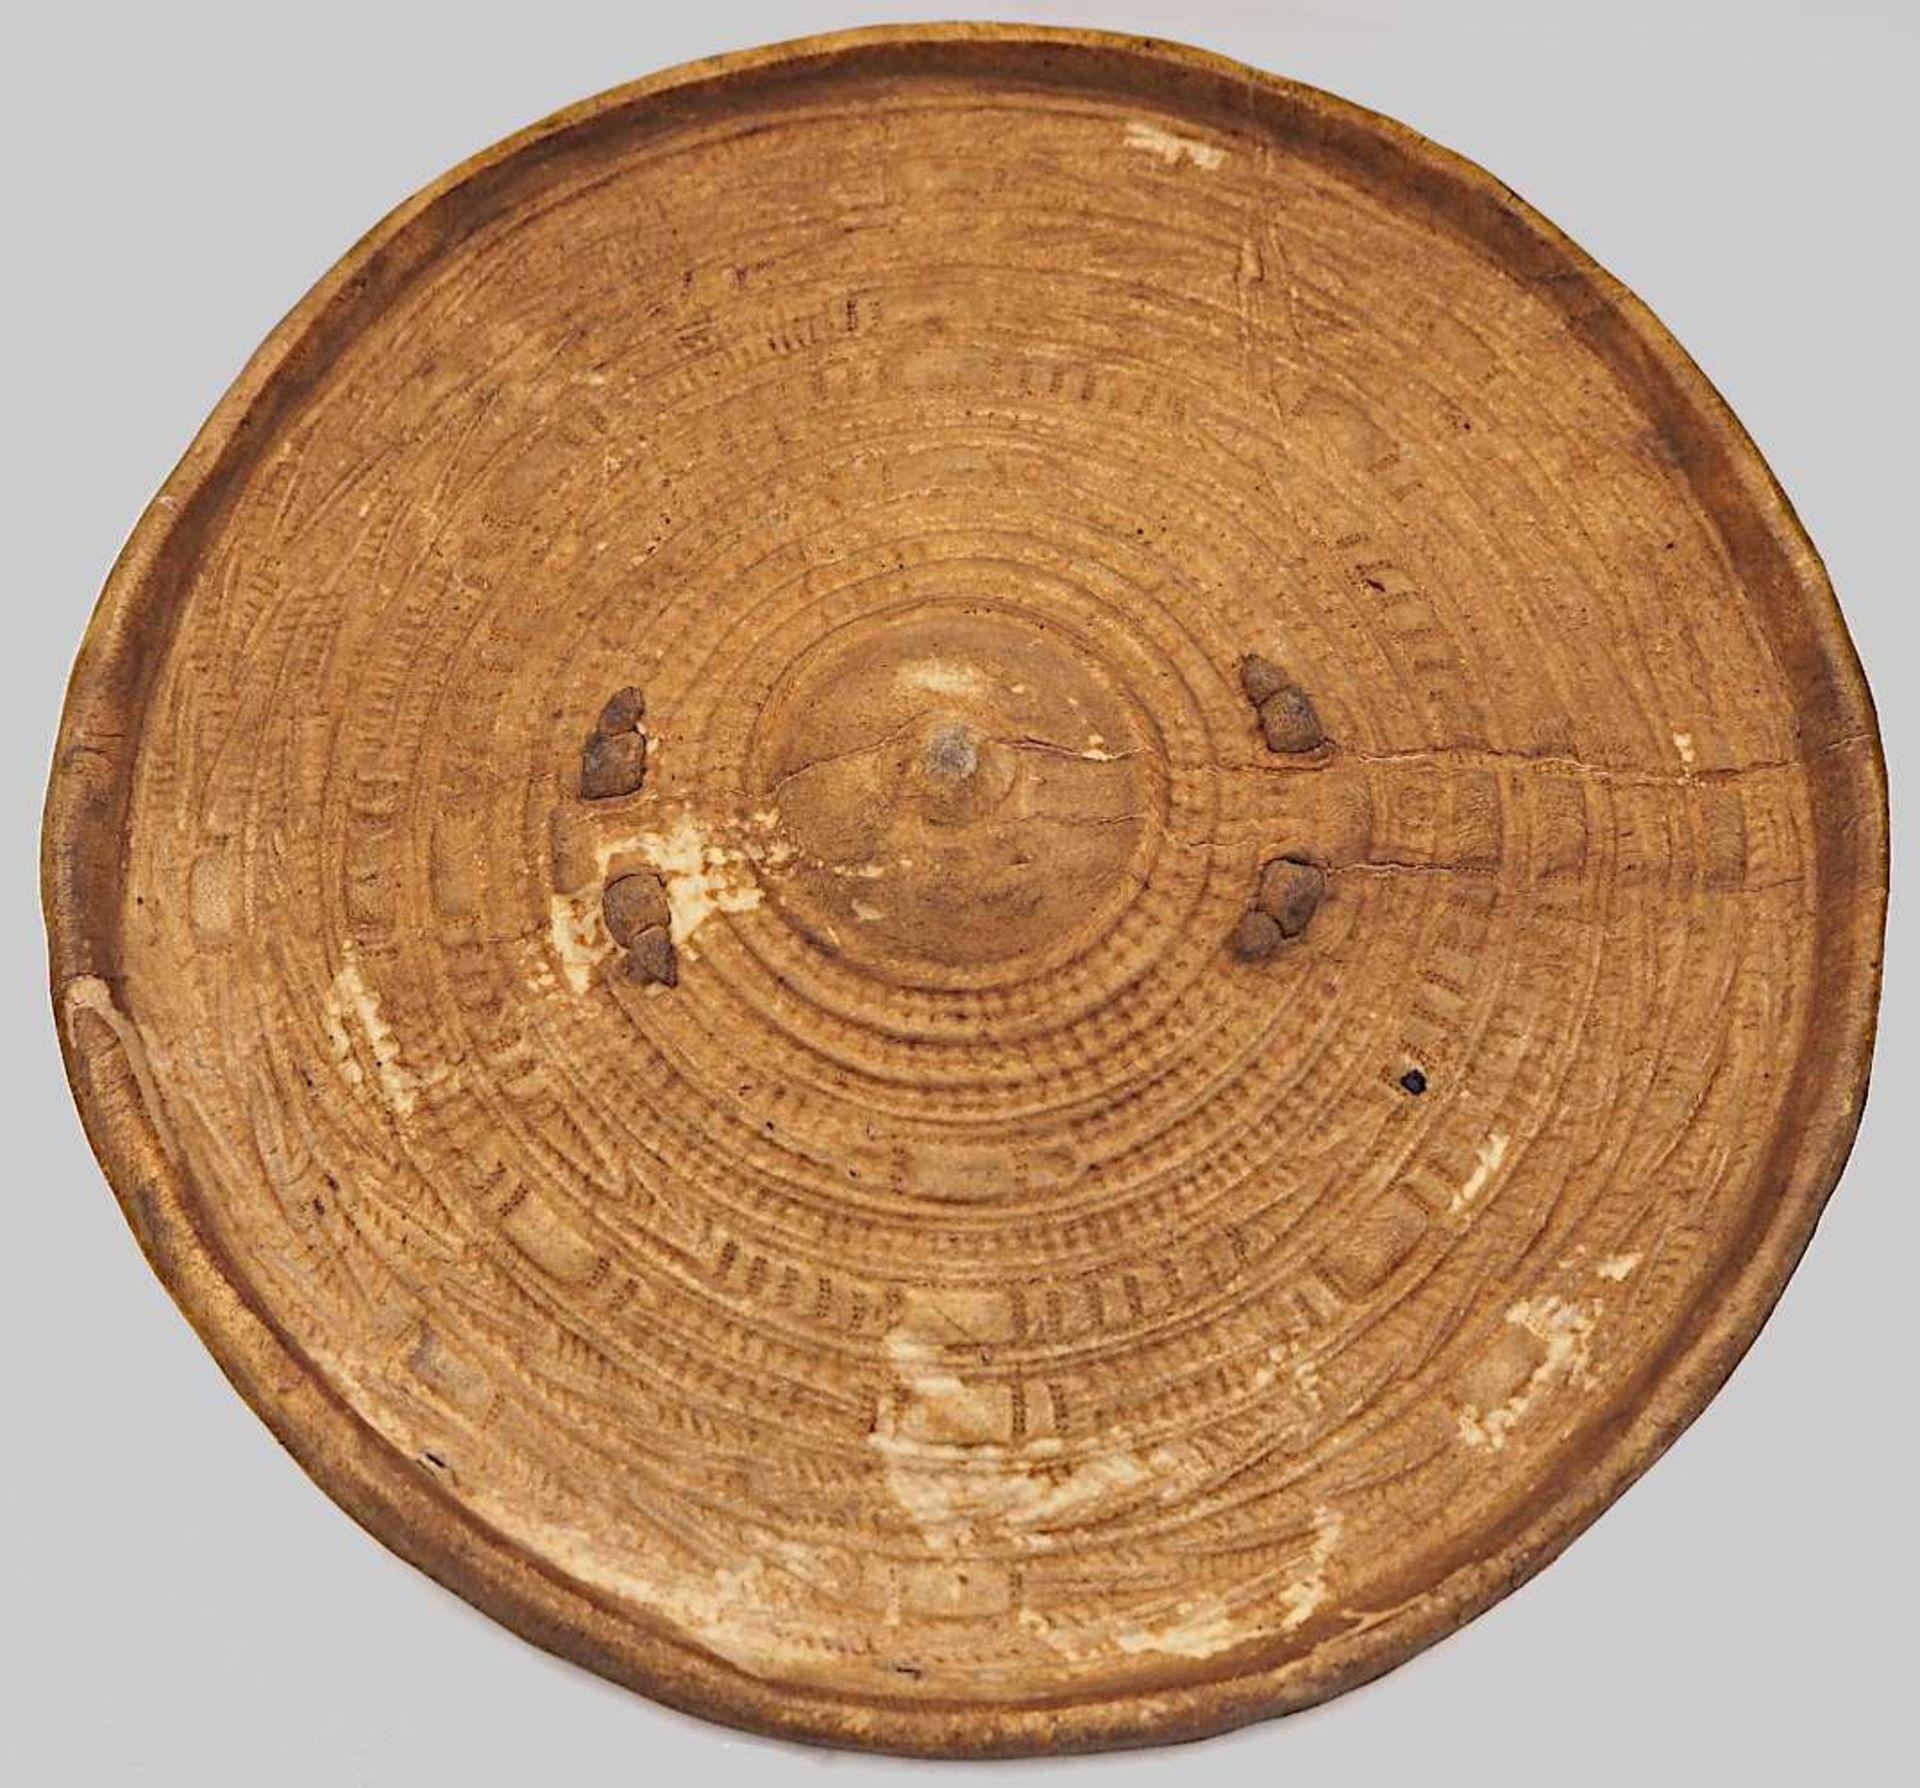 1 Schild aus massiv gefertigtem Leder mit geprägtem Rillendekor, wohl Äthiopien, 19. Jh. <